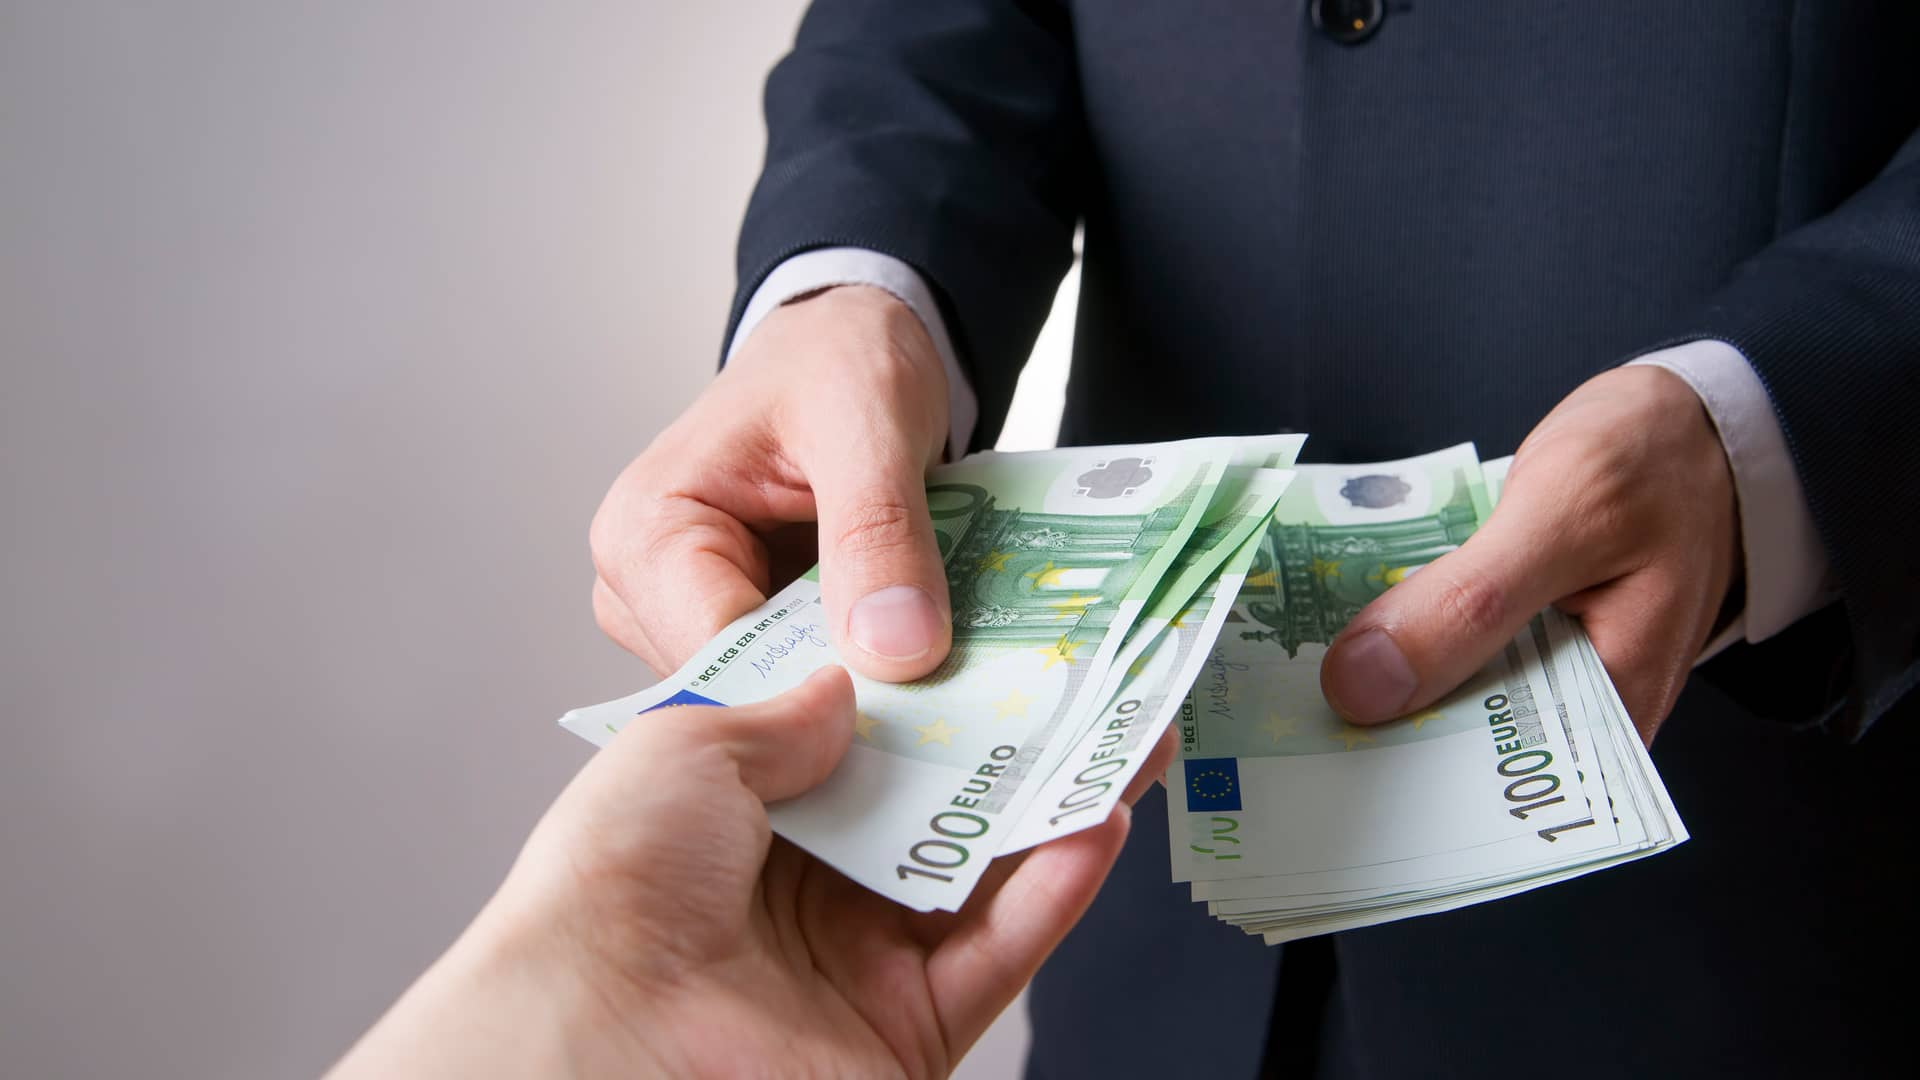 Declarar ingresos extra: cómo hacerlo, límites y excepciones